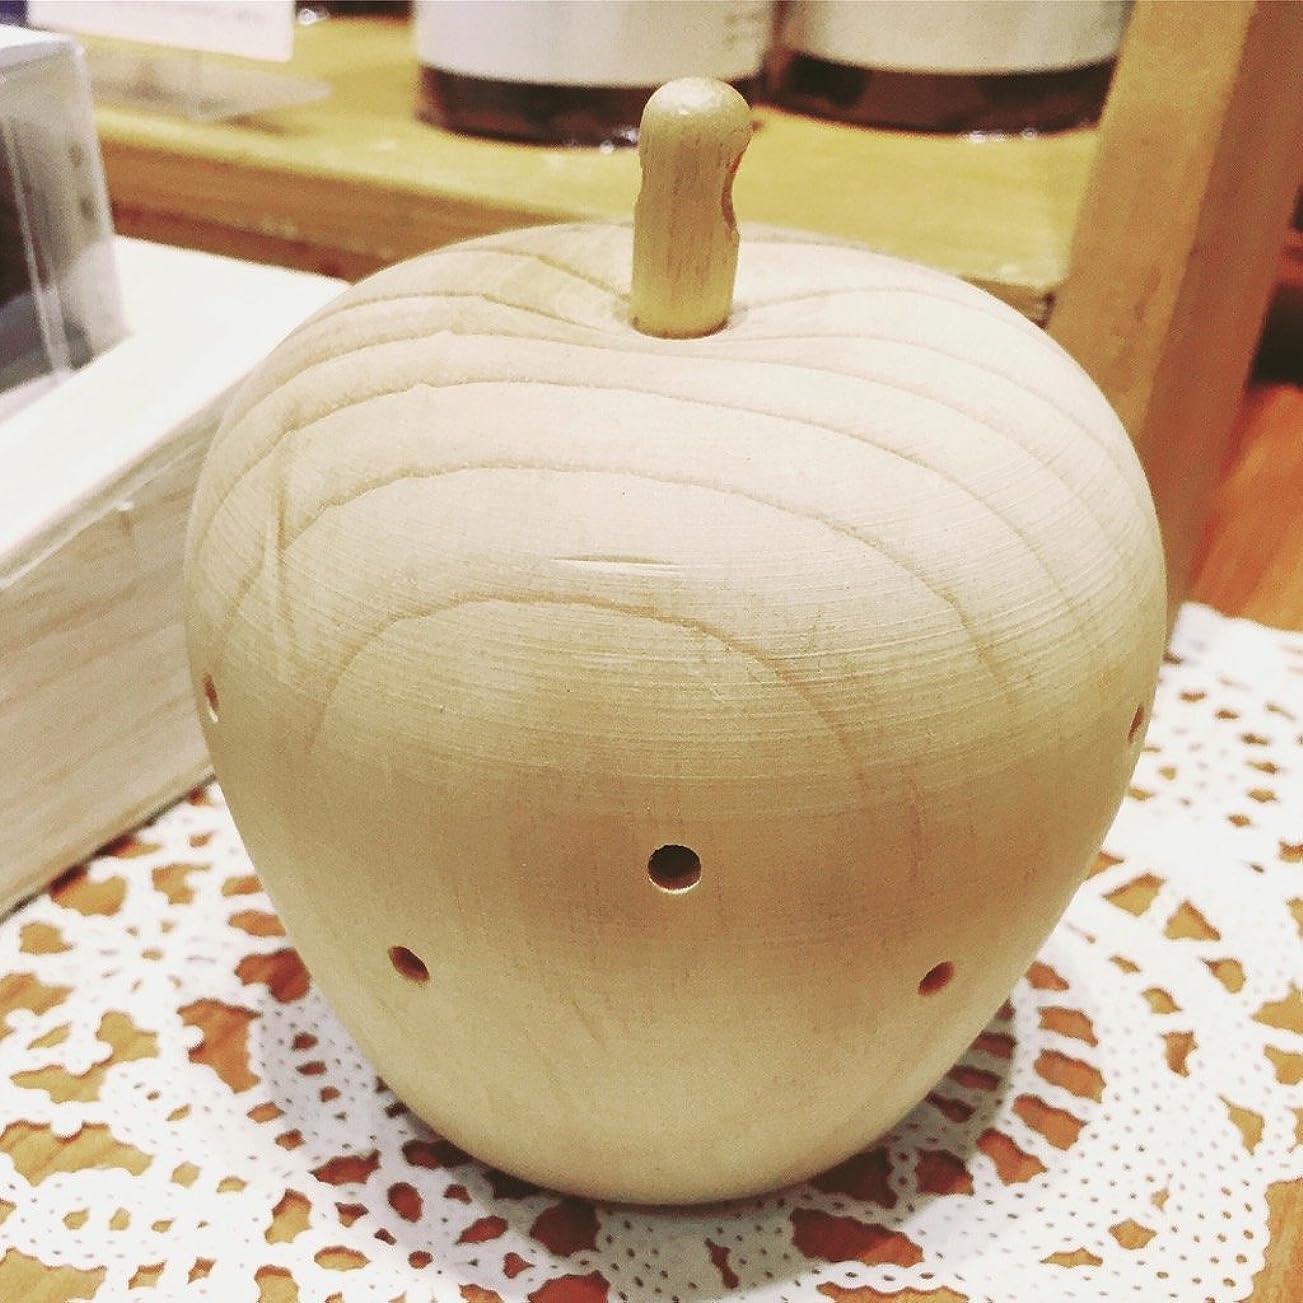 なす農奴寄託タジマヤ ウッドアップル 森の香り125g(カートリッジ3個入)天然木の芳香剤 ルームフレグランス